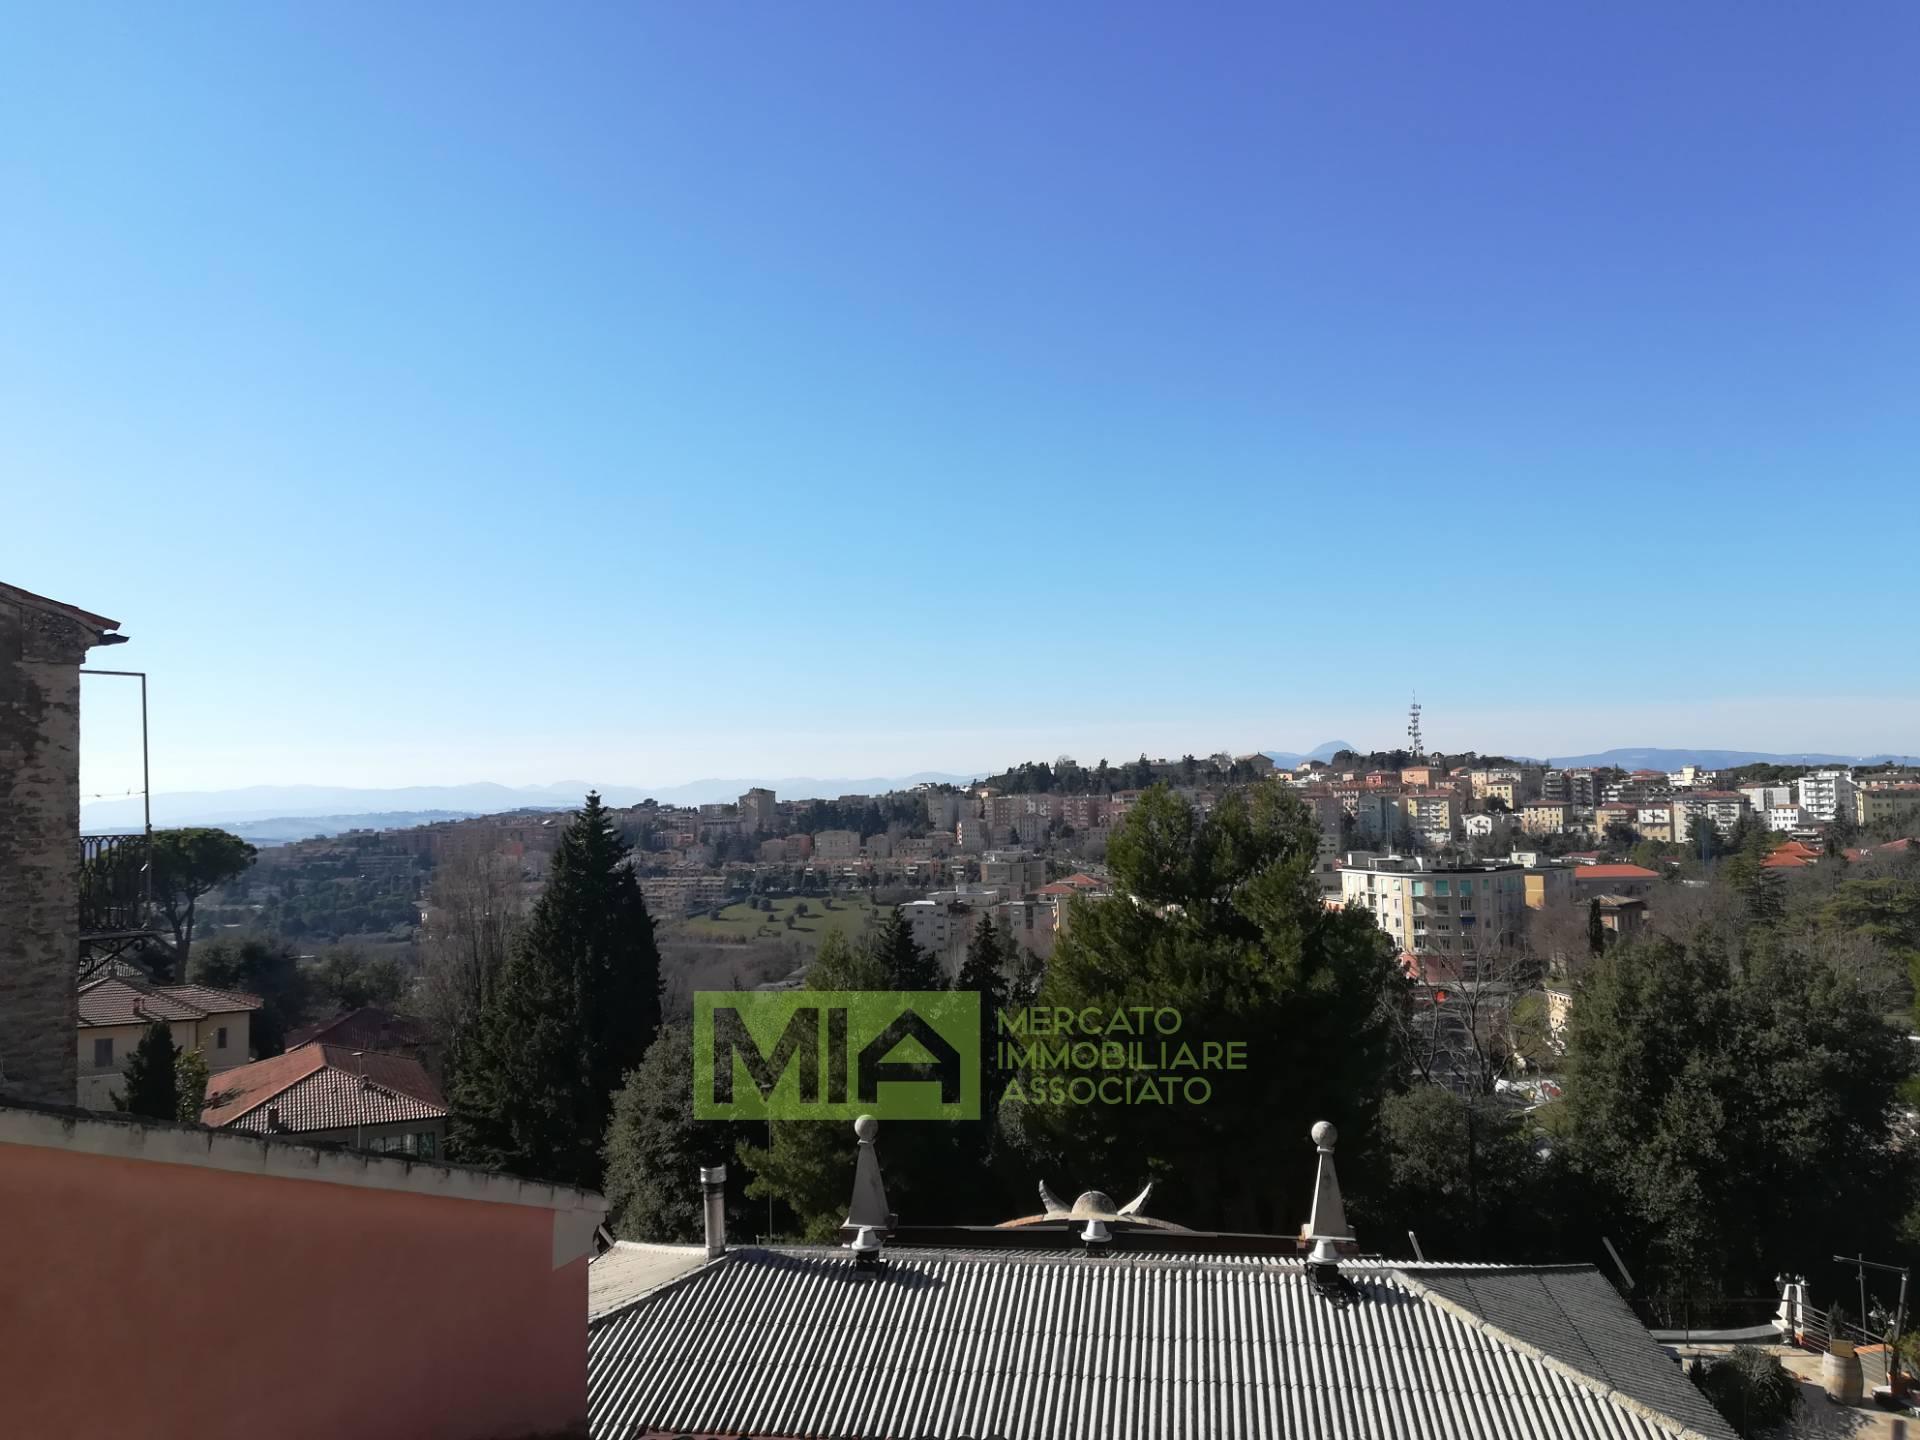 Appartamento in vendita a Macerata, 3 locali, zona Località: CENTRO, prezzo € 70.000   CambioCasa.it